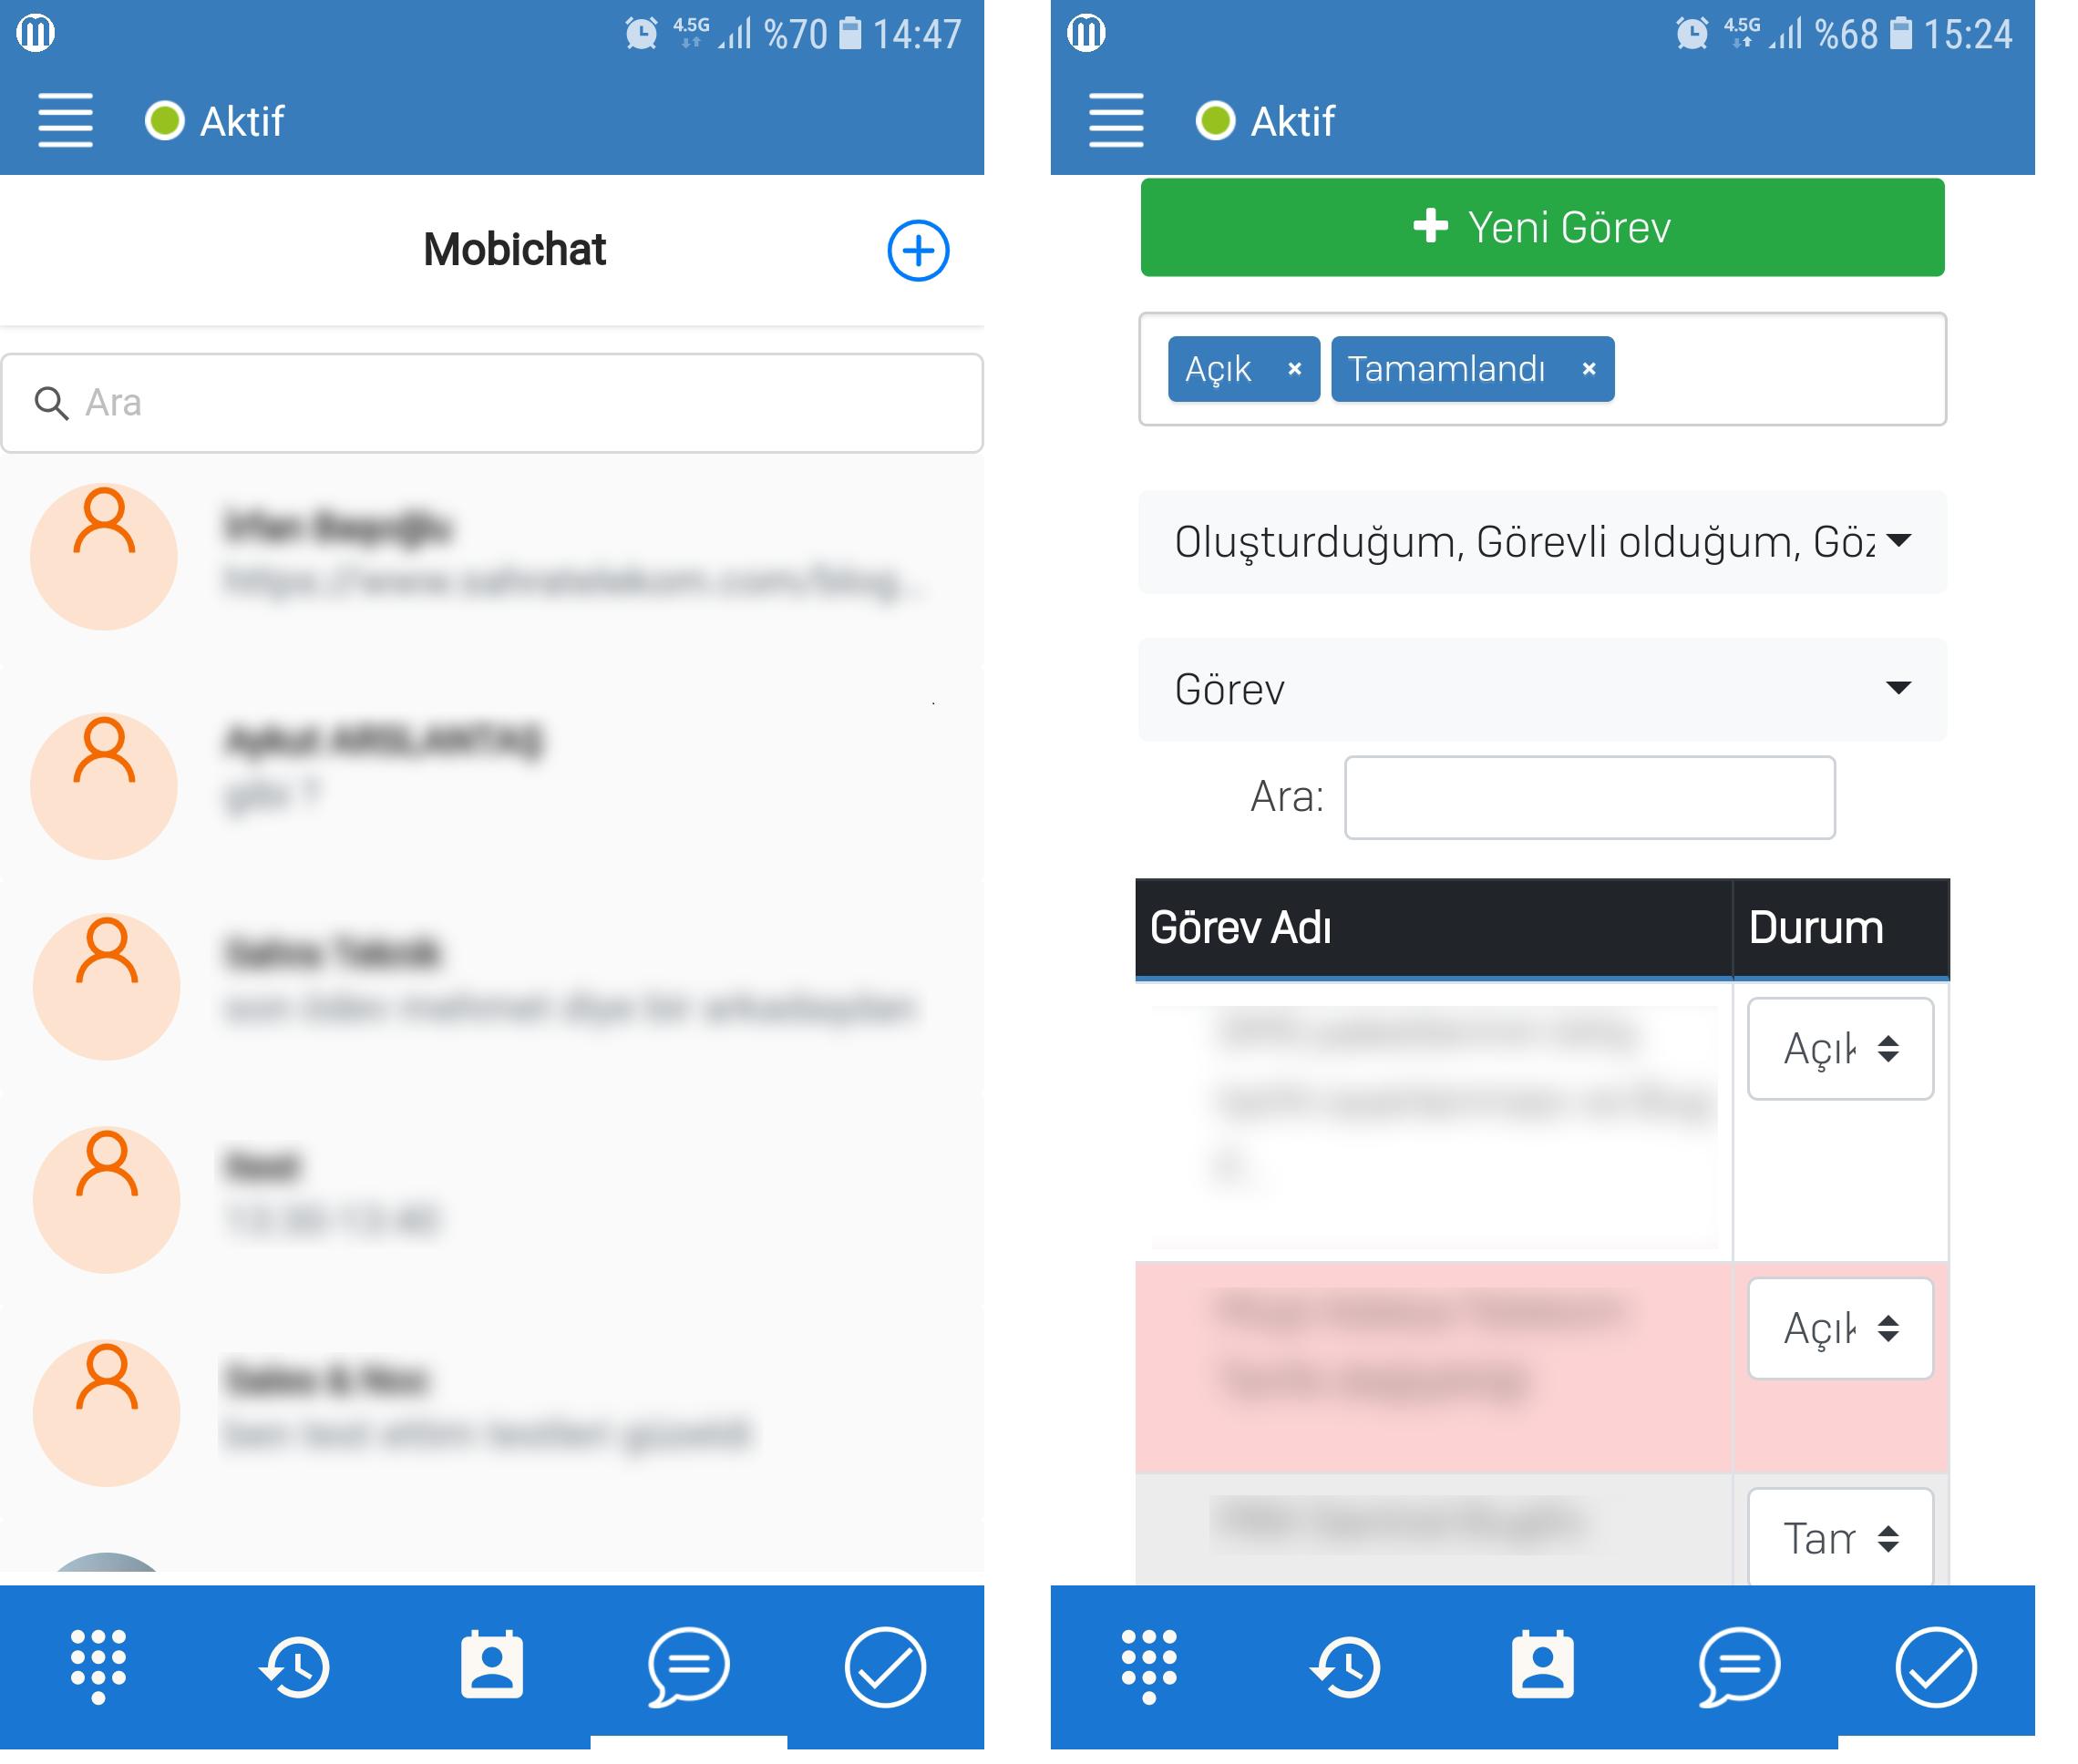 MobiKoB Mobil Uygulamada Artık Chat, Görev Yönetimi ve Konum Bilgisi de Var!